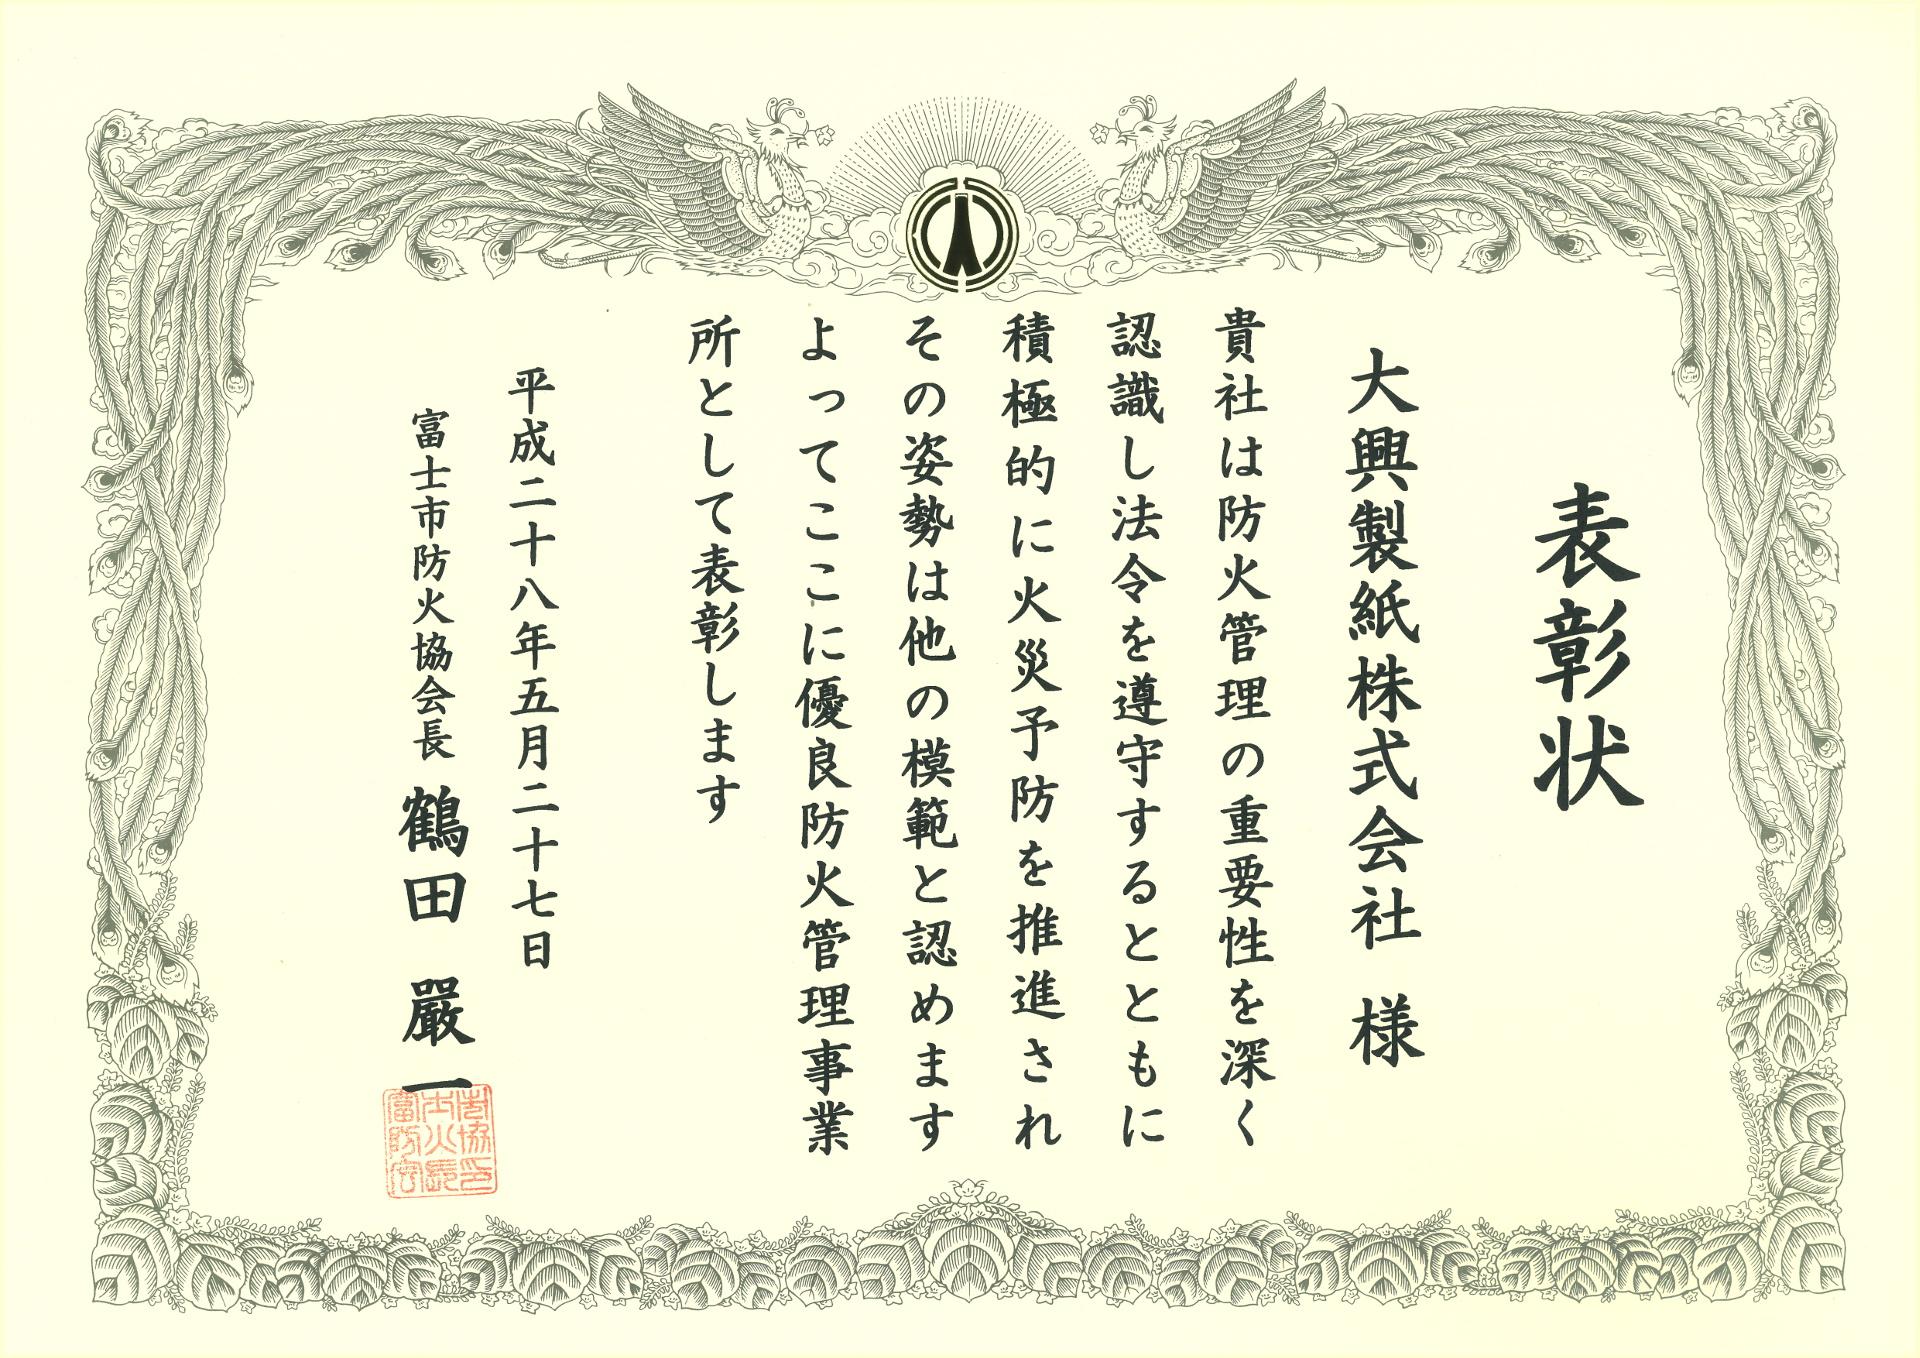 優良防火管理事業所(20170527)